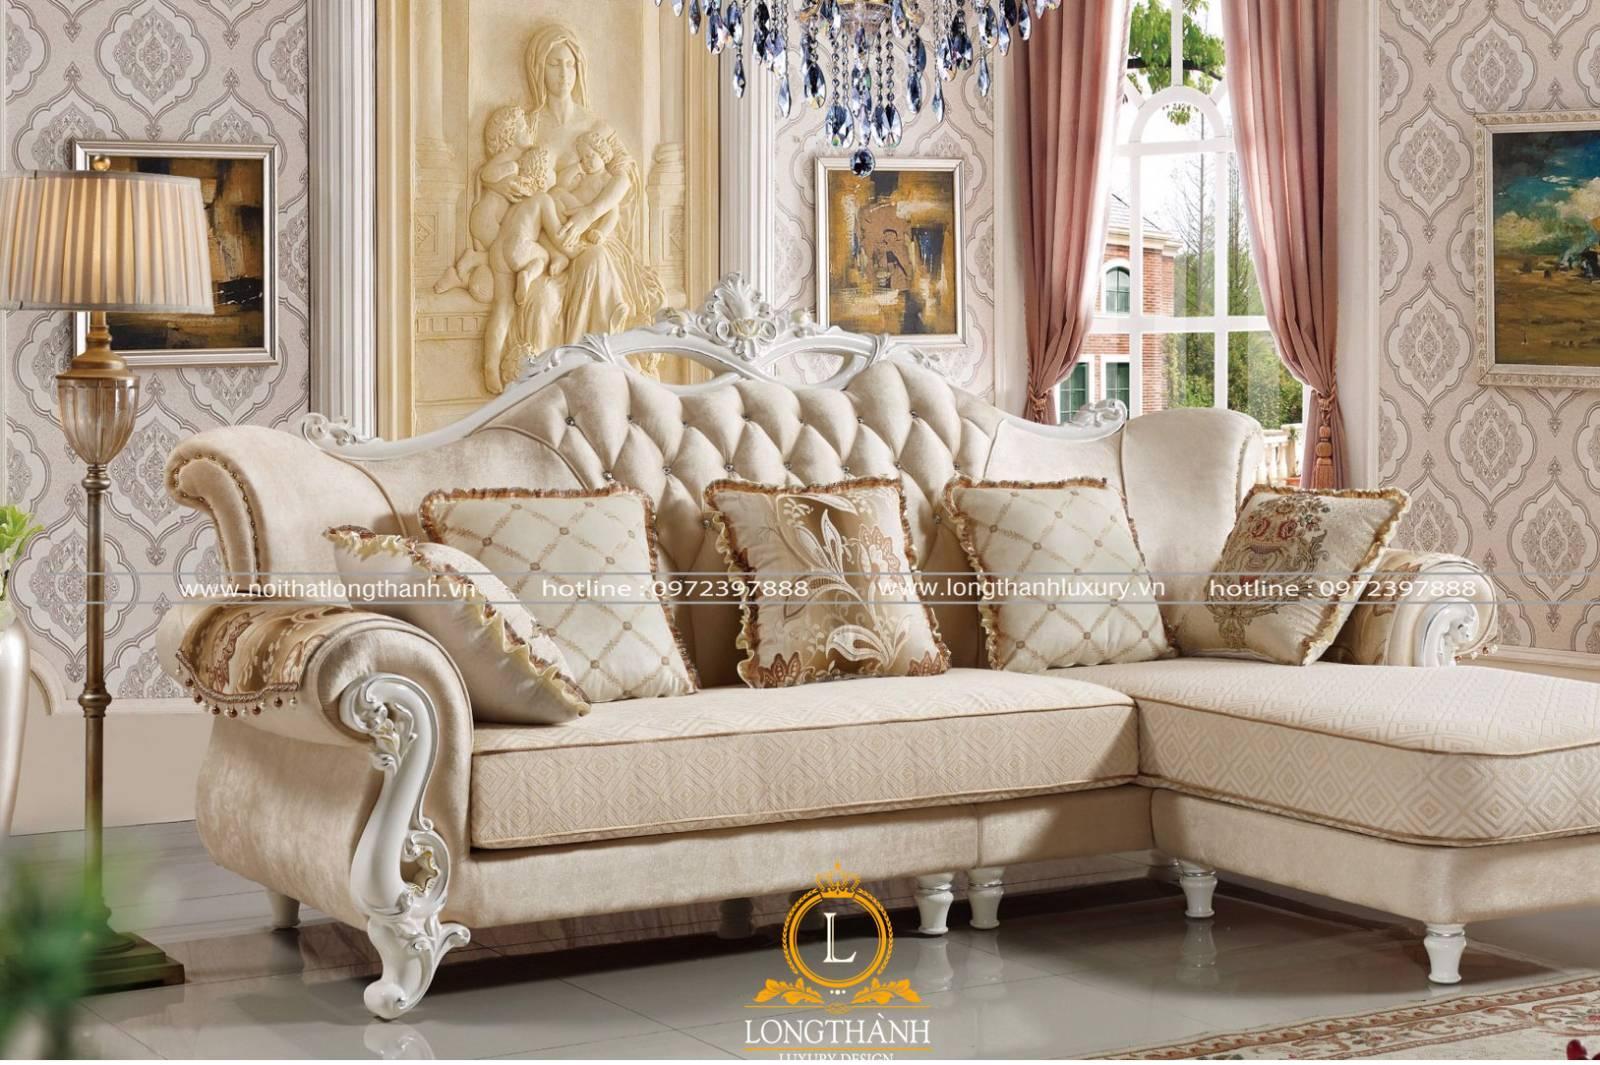 Mẫu sofa nỉ trong phòng khách thêm phần nhẹ nhàng ấm cúng